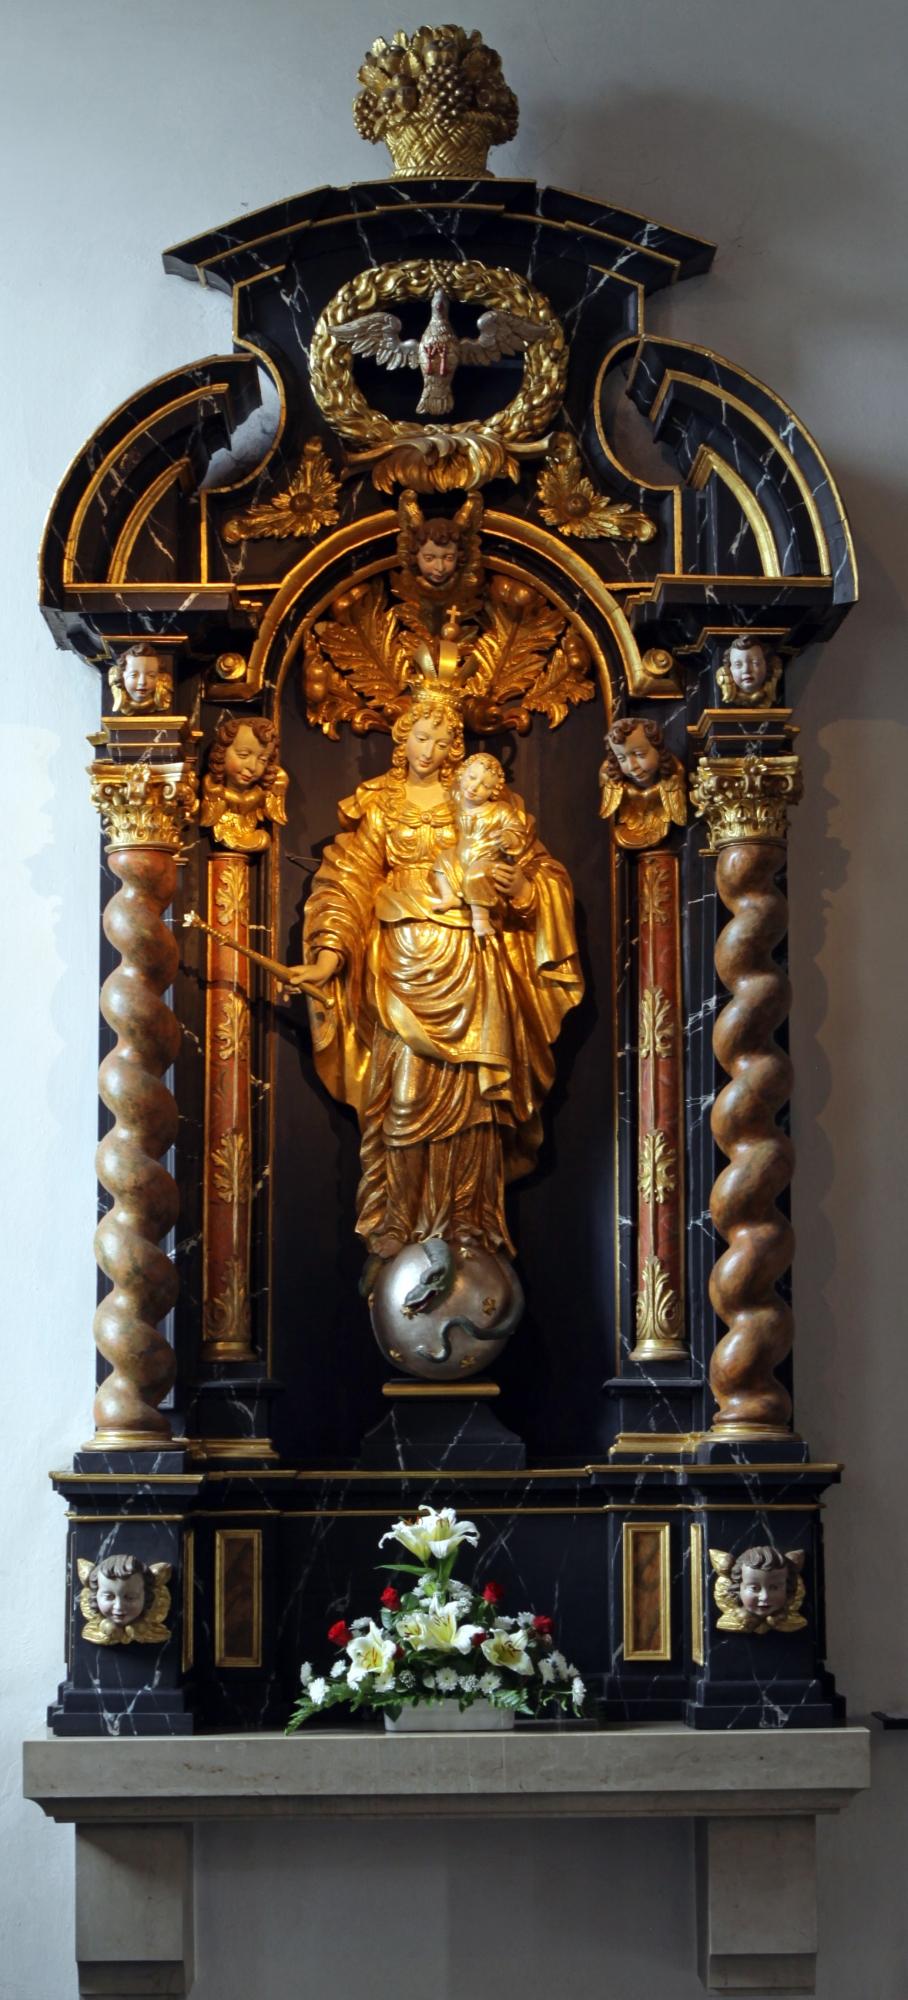 katholische kirche pfarrgemeinde st peter und paul biebergem nd wirtheim sankt peter und. Black Bedroom Furniture Sets. Home Design Ideas